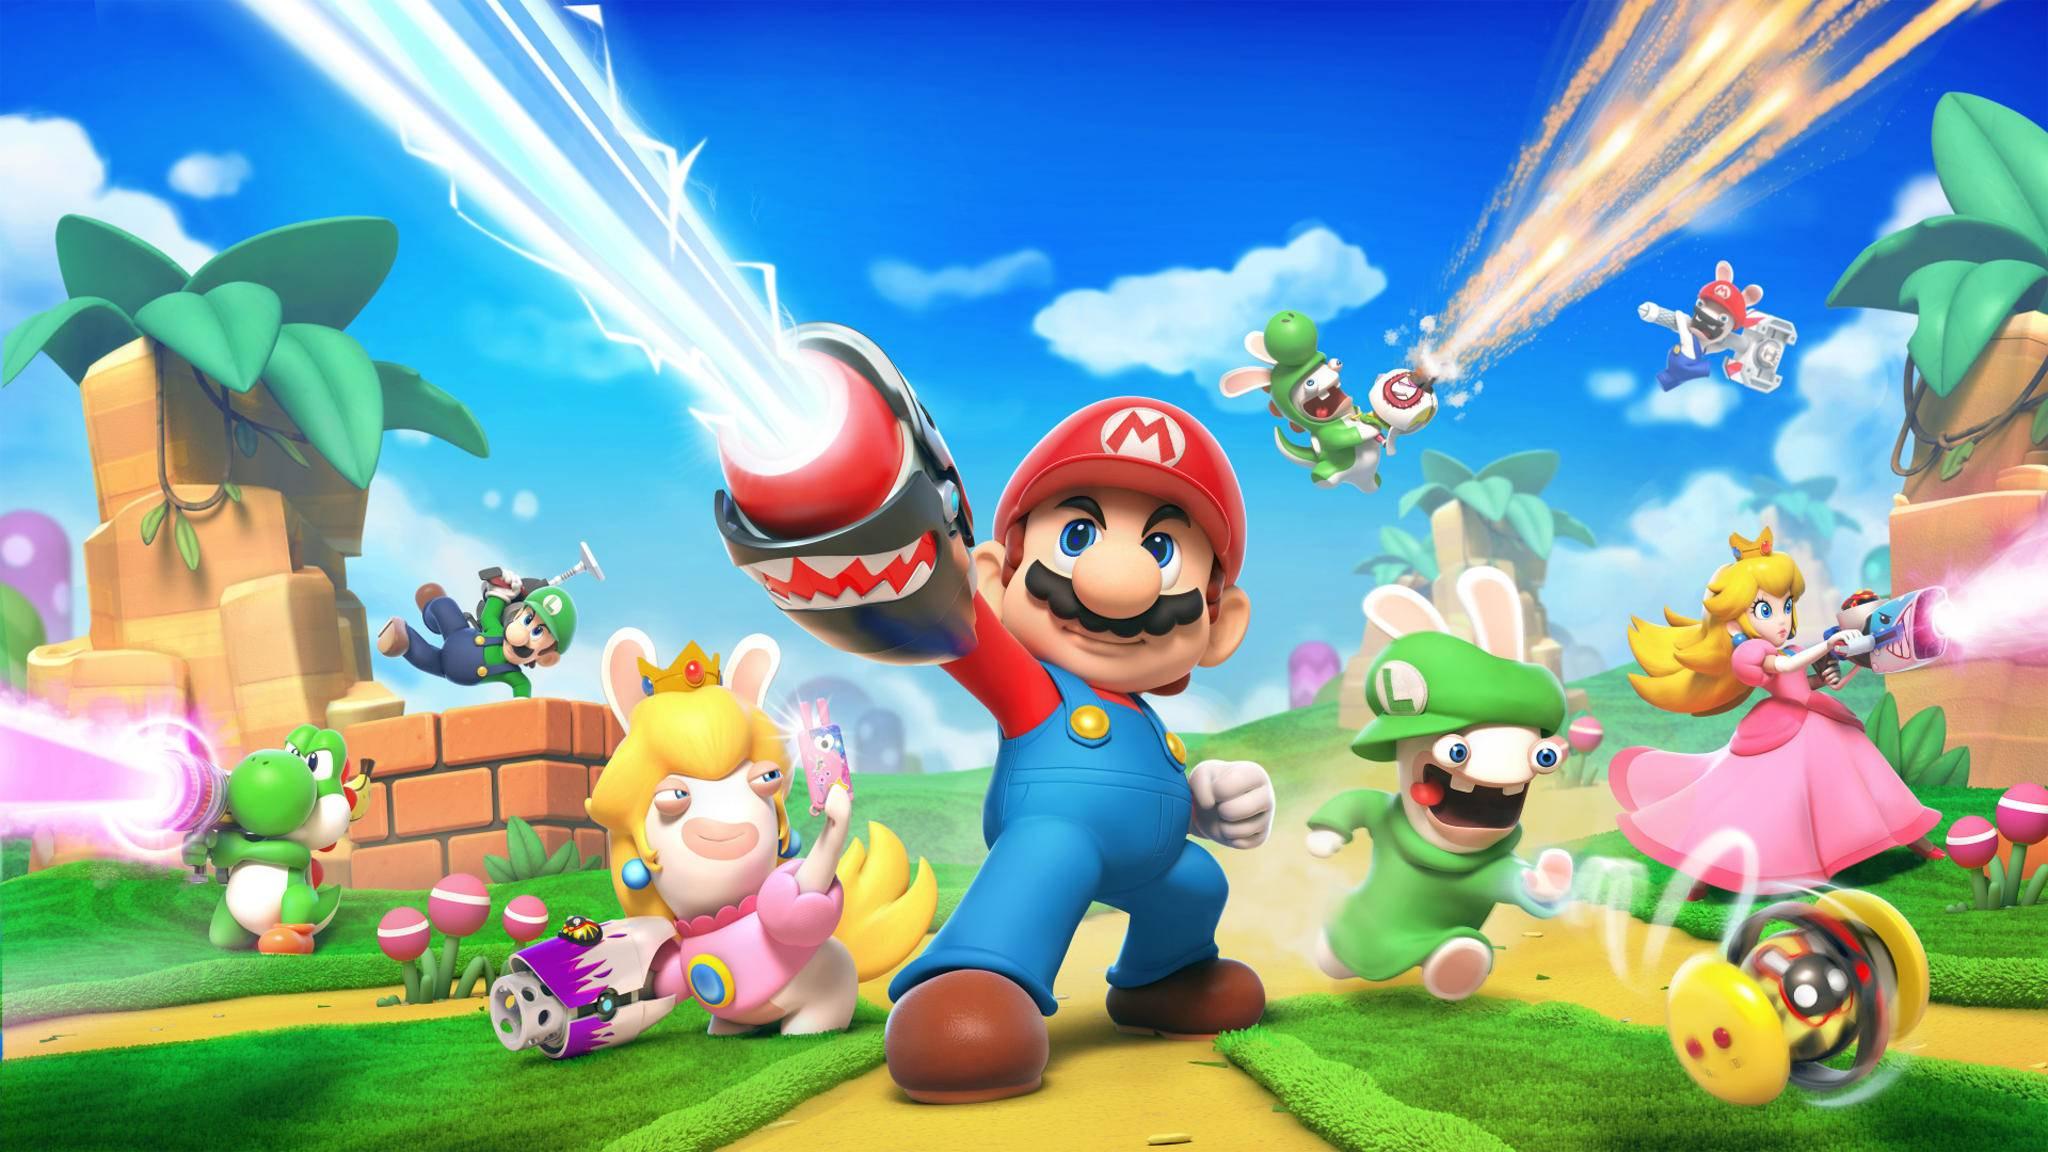 """""""Mario + Rabbids: Kingdom Battle"""" klang erst wie eine Schnapsidee, entpuppte sich dann aber als ziemlich gutes Spiel."""